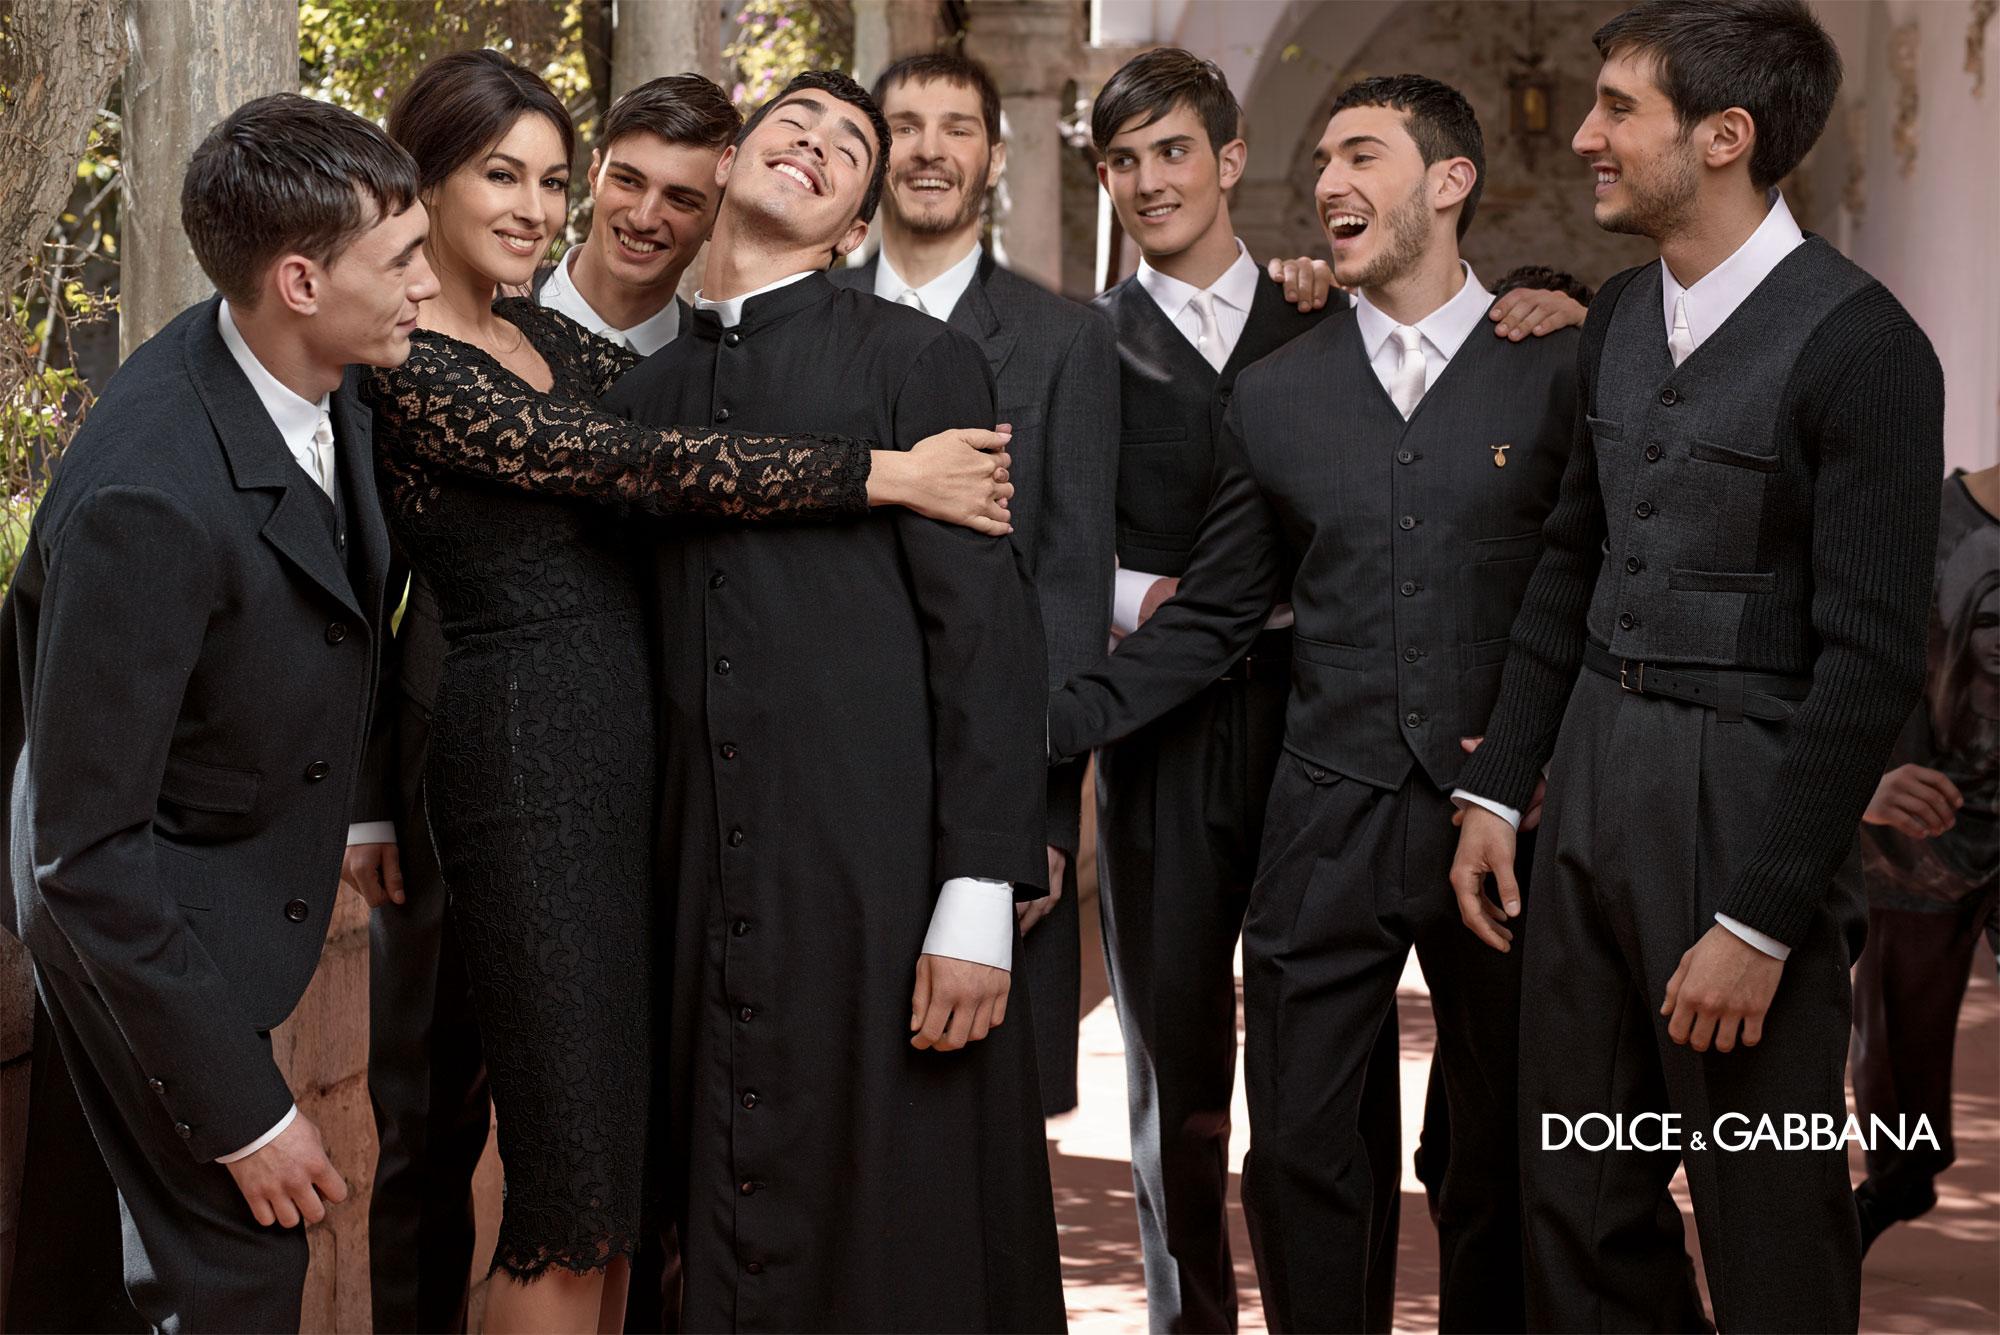 dolce-and-gabbana-fw-2014-men-adv-campaign-4